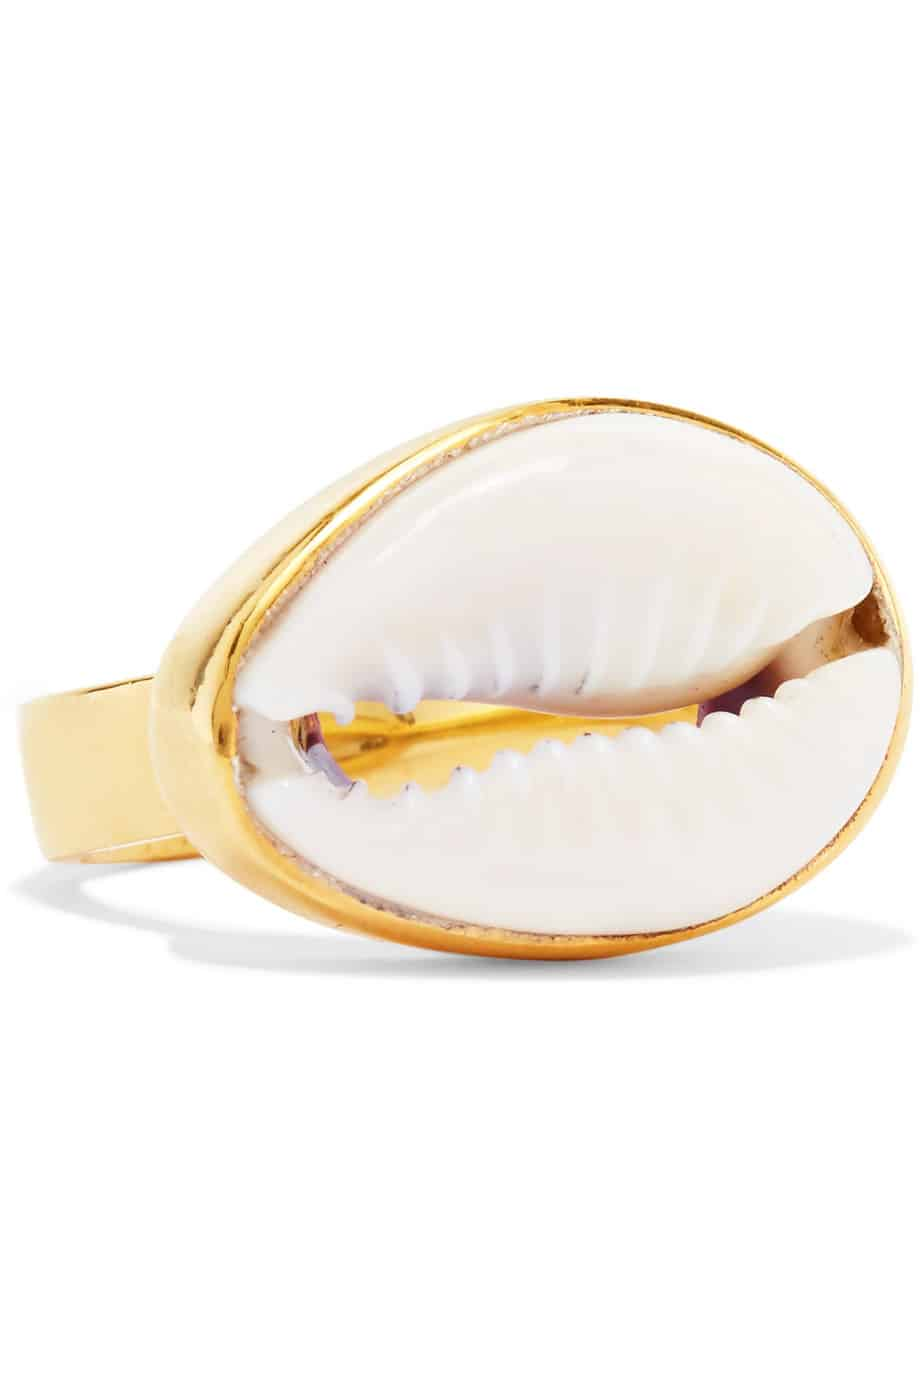 Goldener Ring mit großer Muschel